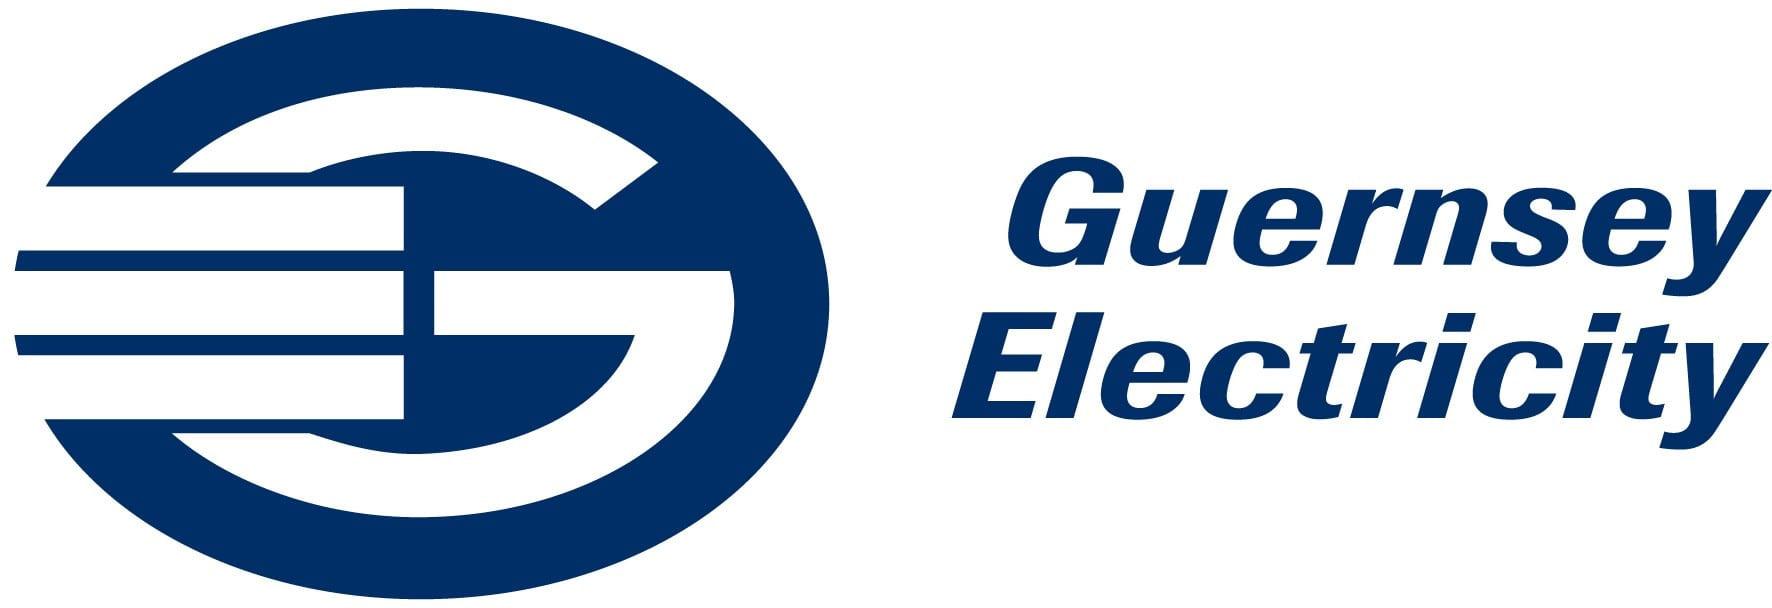 Guernsey Electricity Ltd